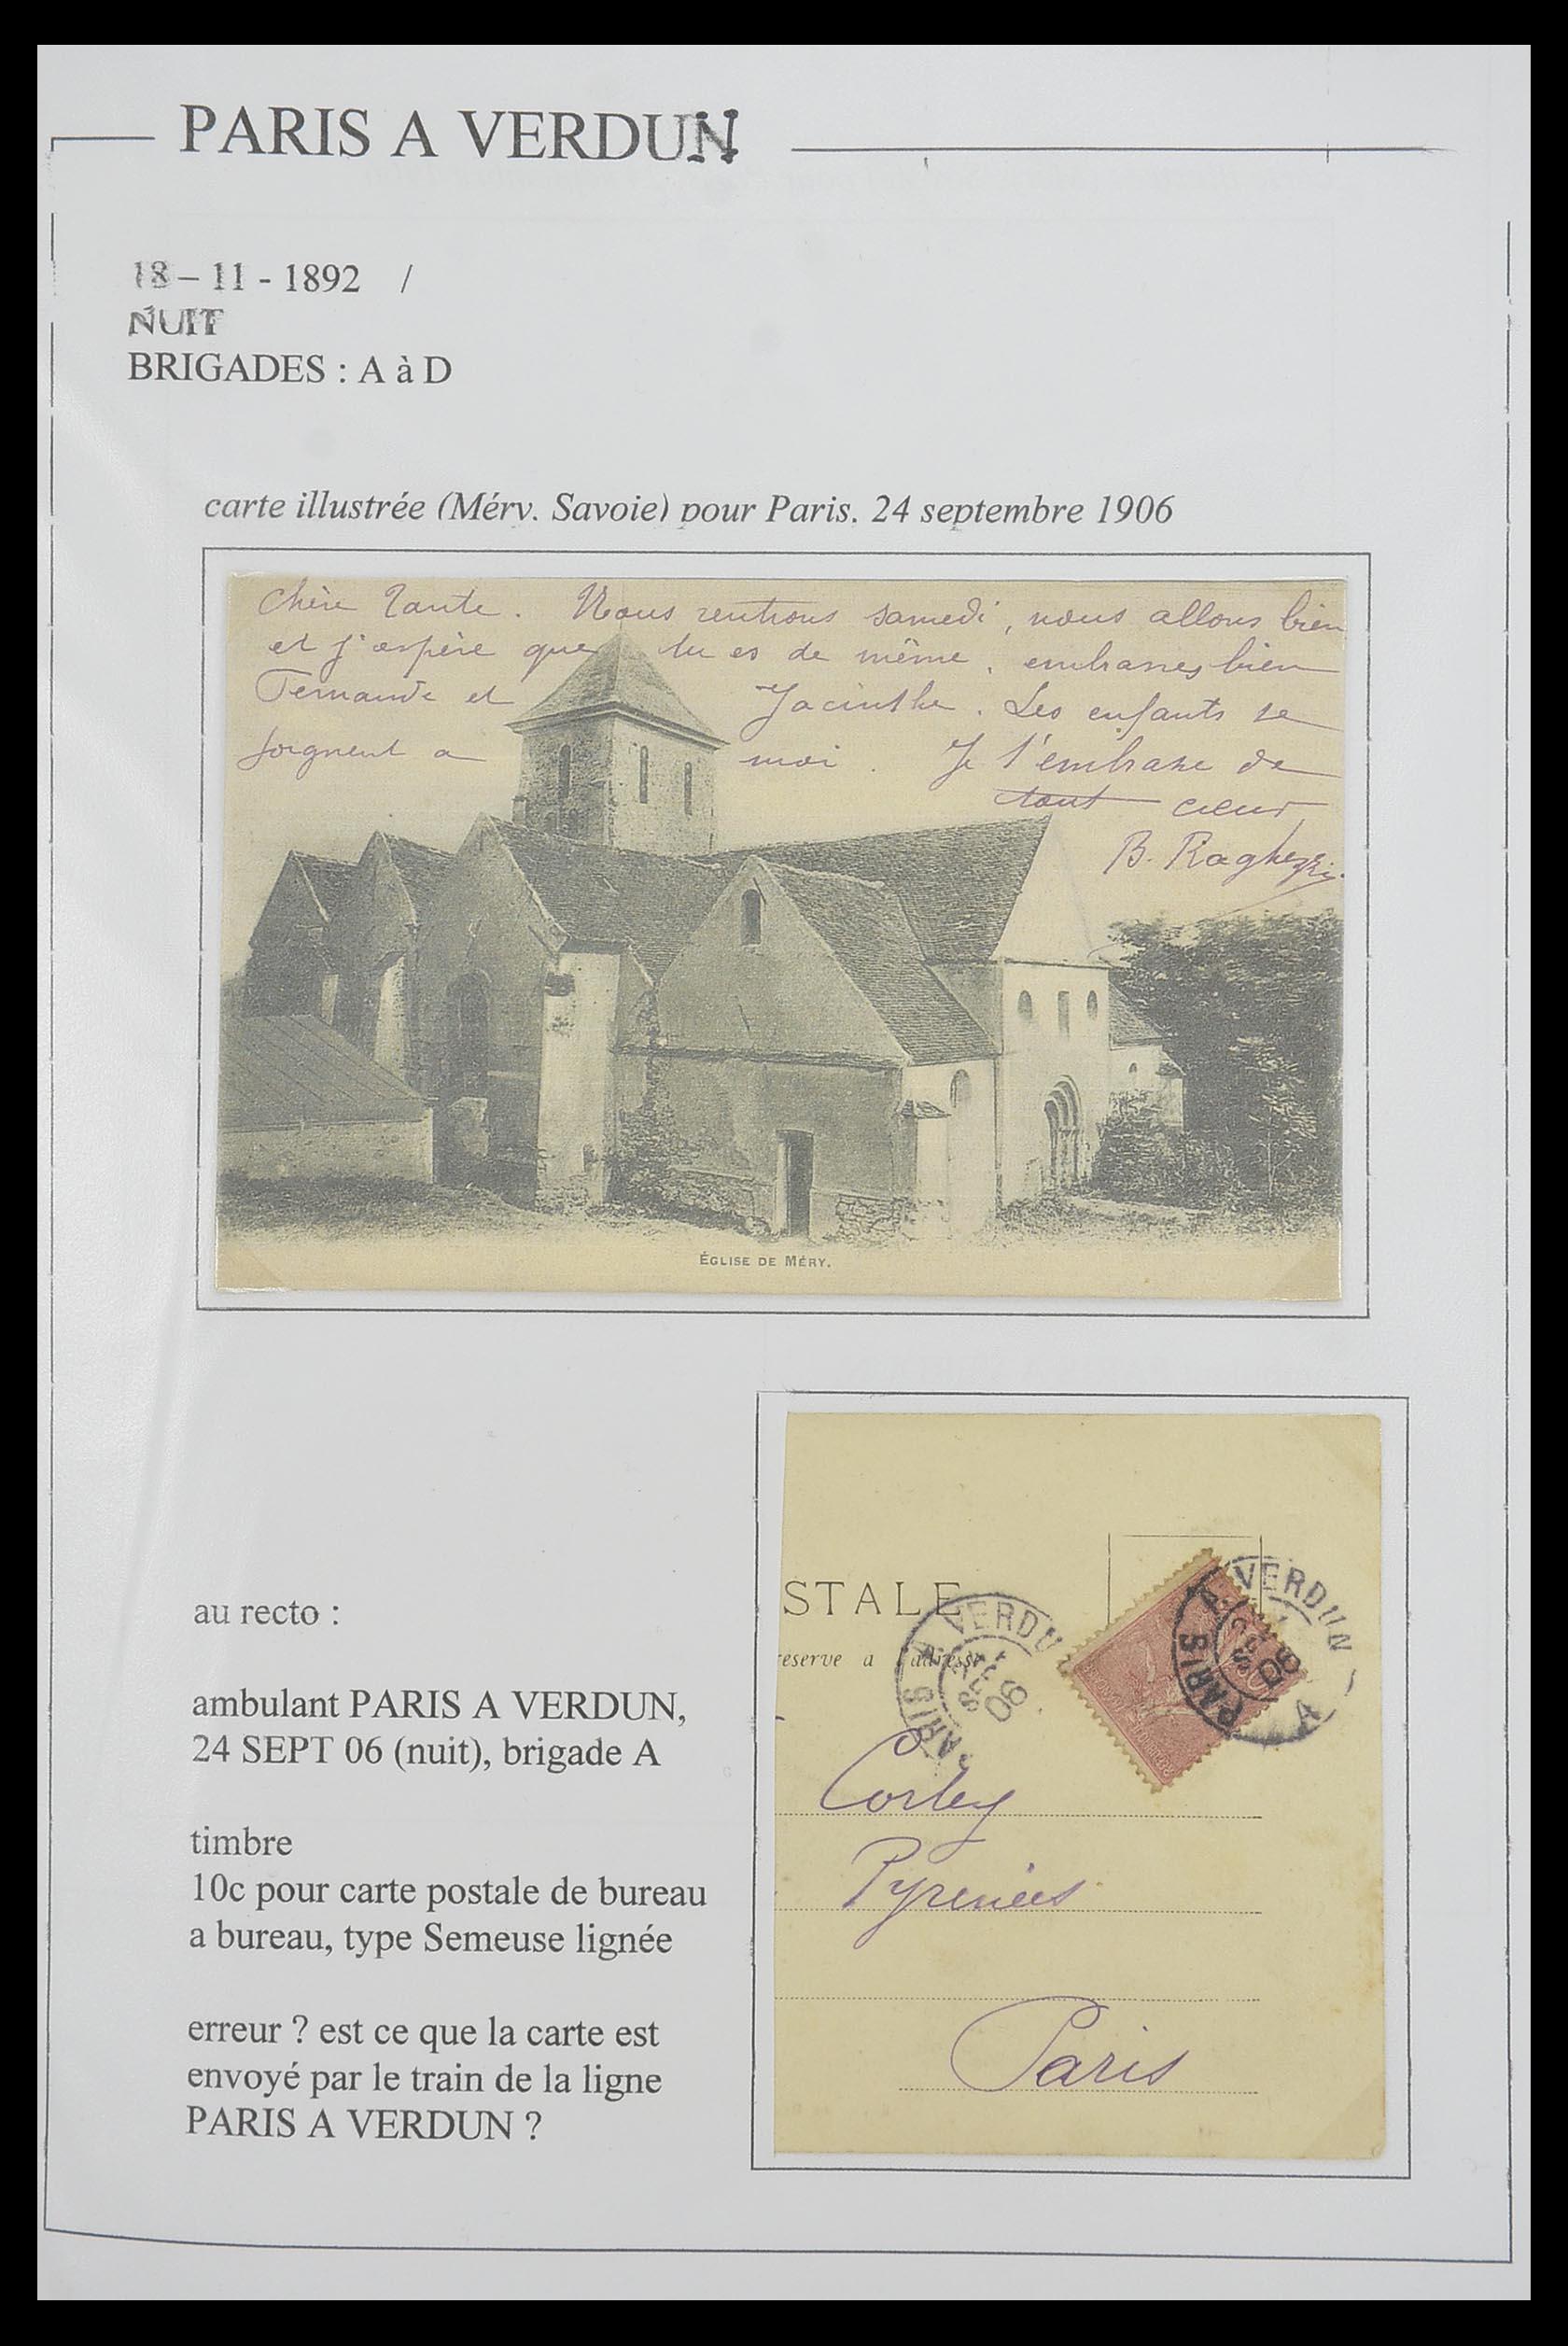 33624 019 - Postzegelverzameling 33624 Frankrijk brieven 1854-1907.